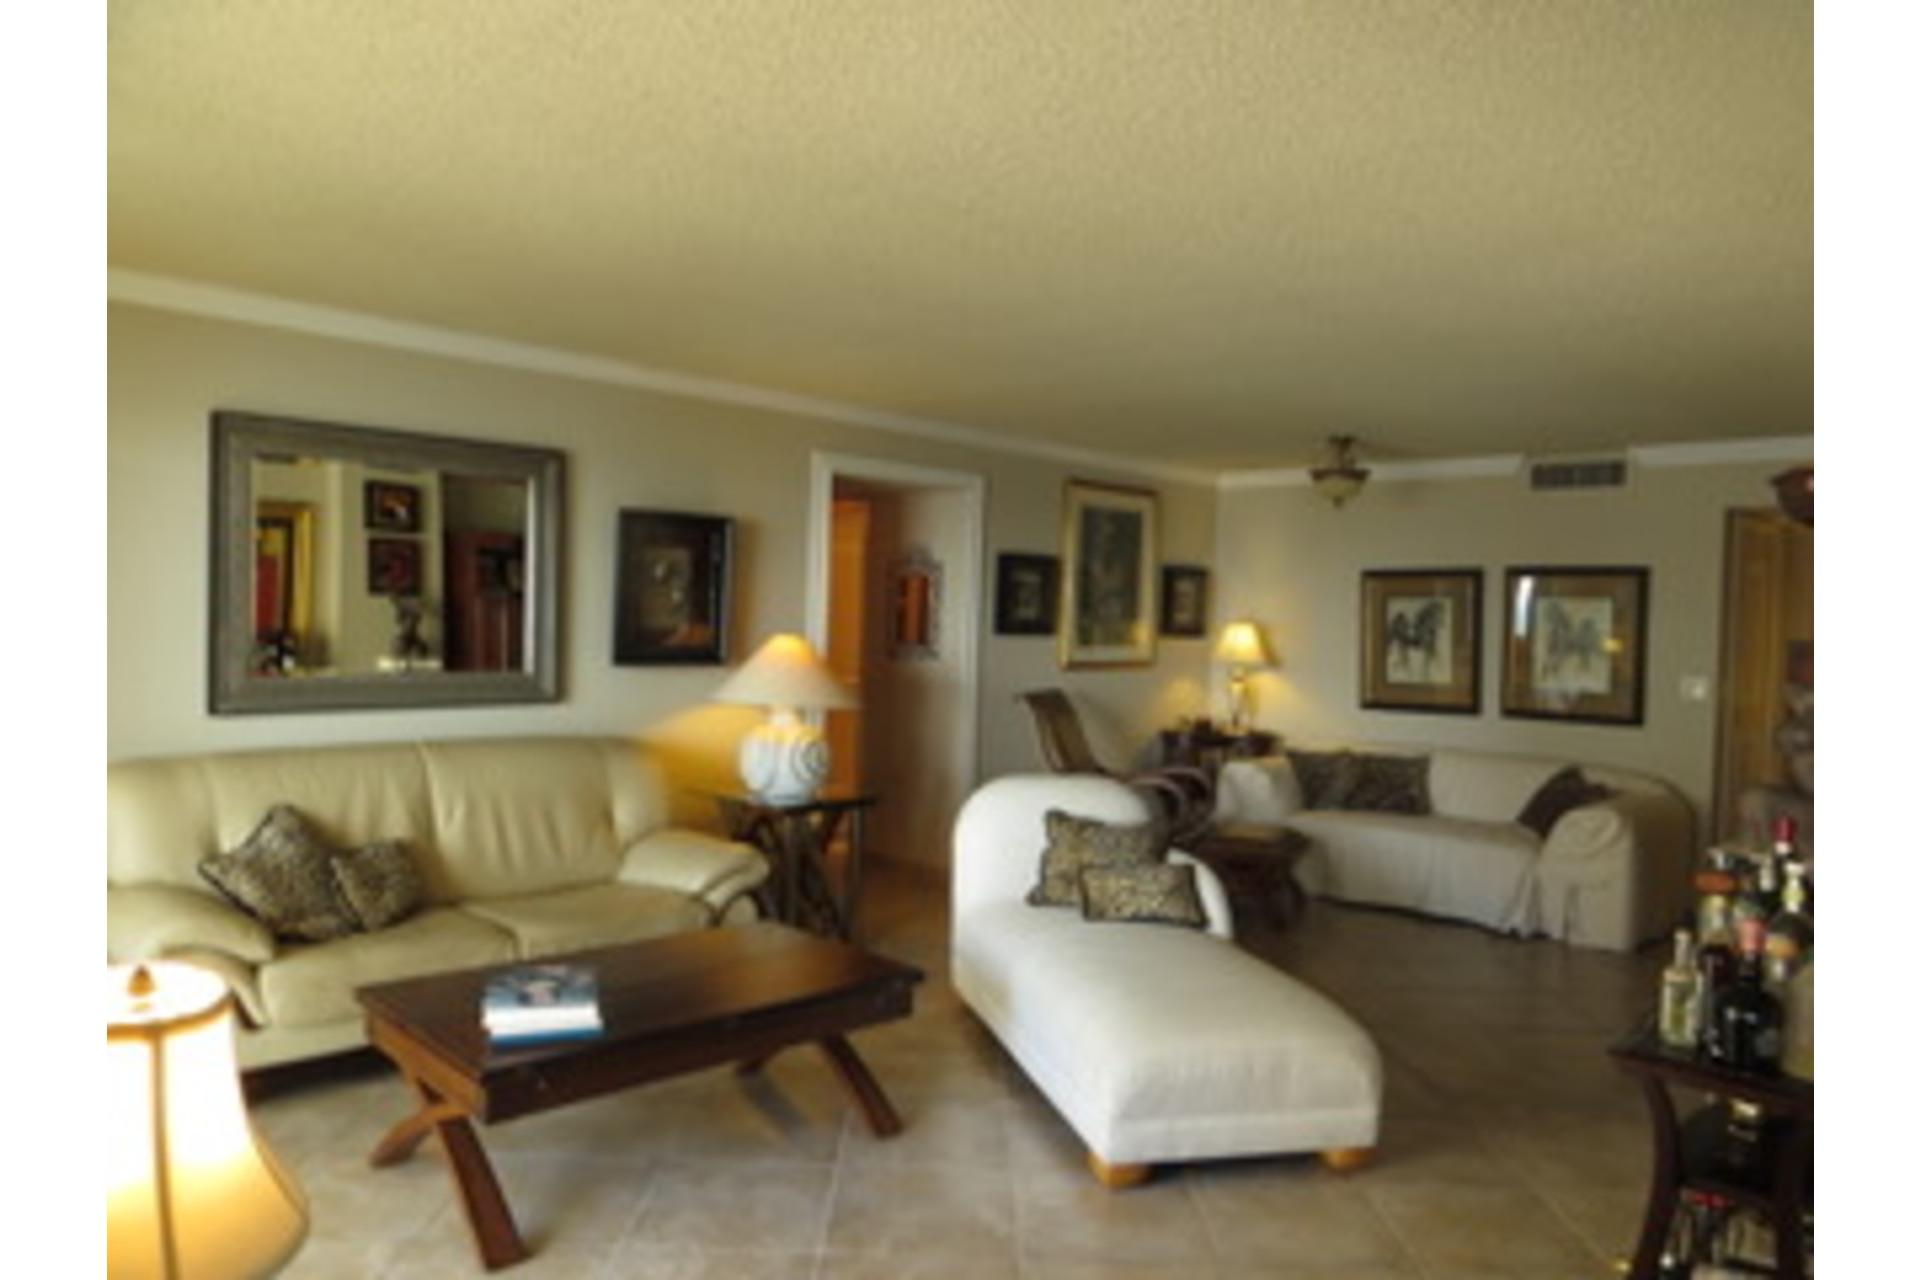 image 50 - Condo Short rental Hallandale Beach - 6 rooms